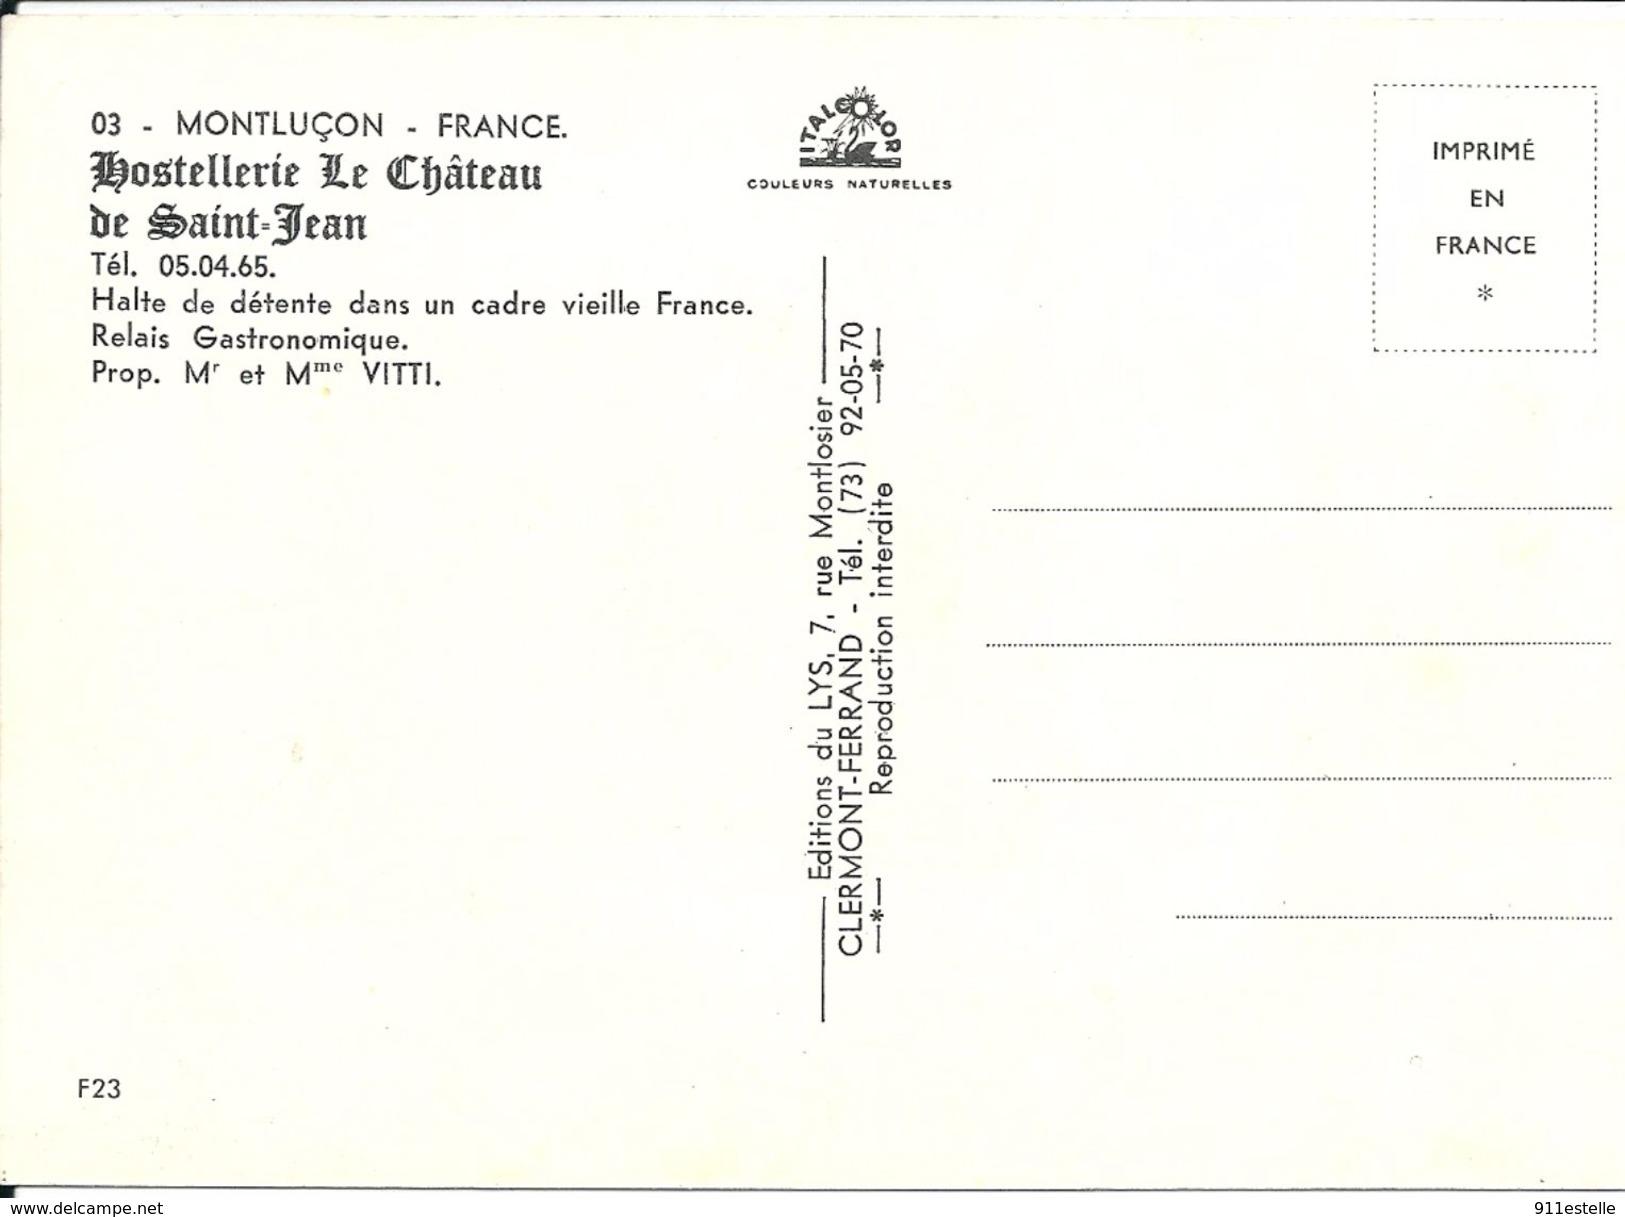 03 MONTLUCON   -  HOSTELLERIE  DU  CHATEAU SAINT JEAN ,  RELAIS GASTRONOMIQUE  Prop M& Mme VITTI  ,Tel 05 04 65 - Montlucon